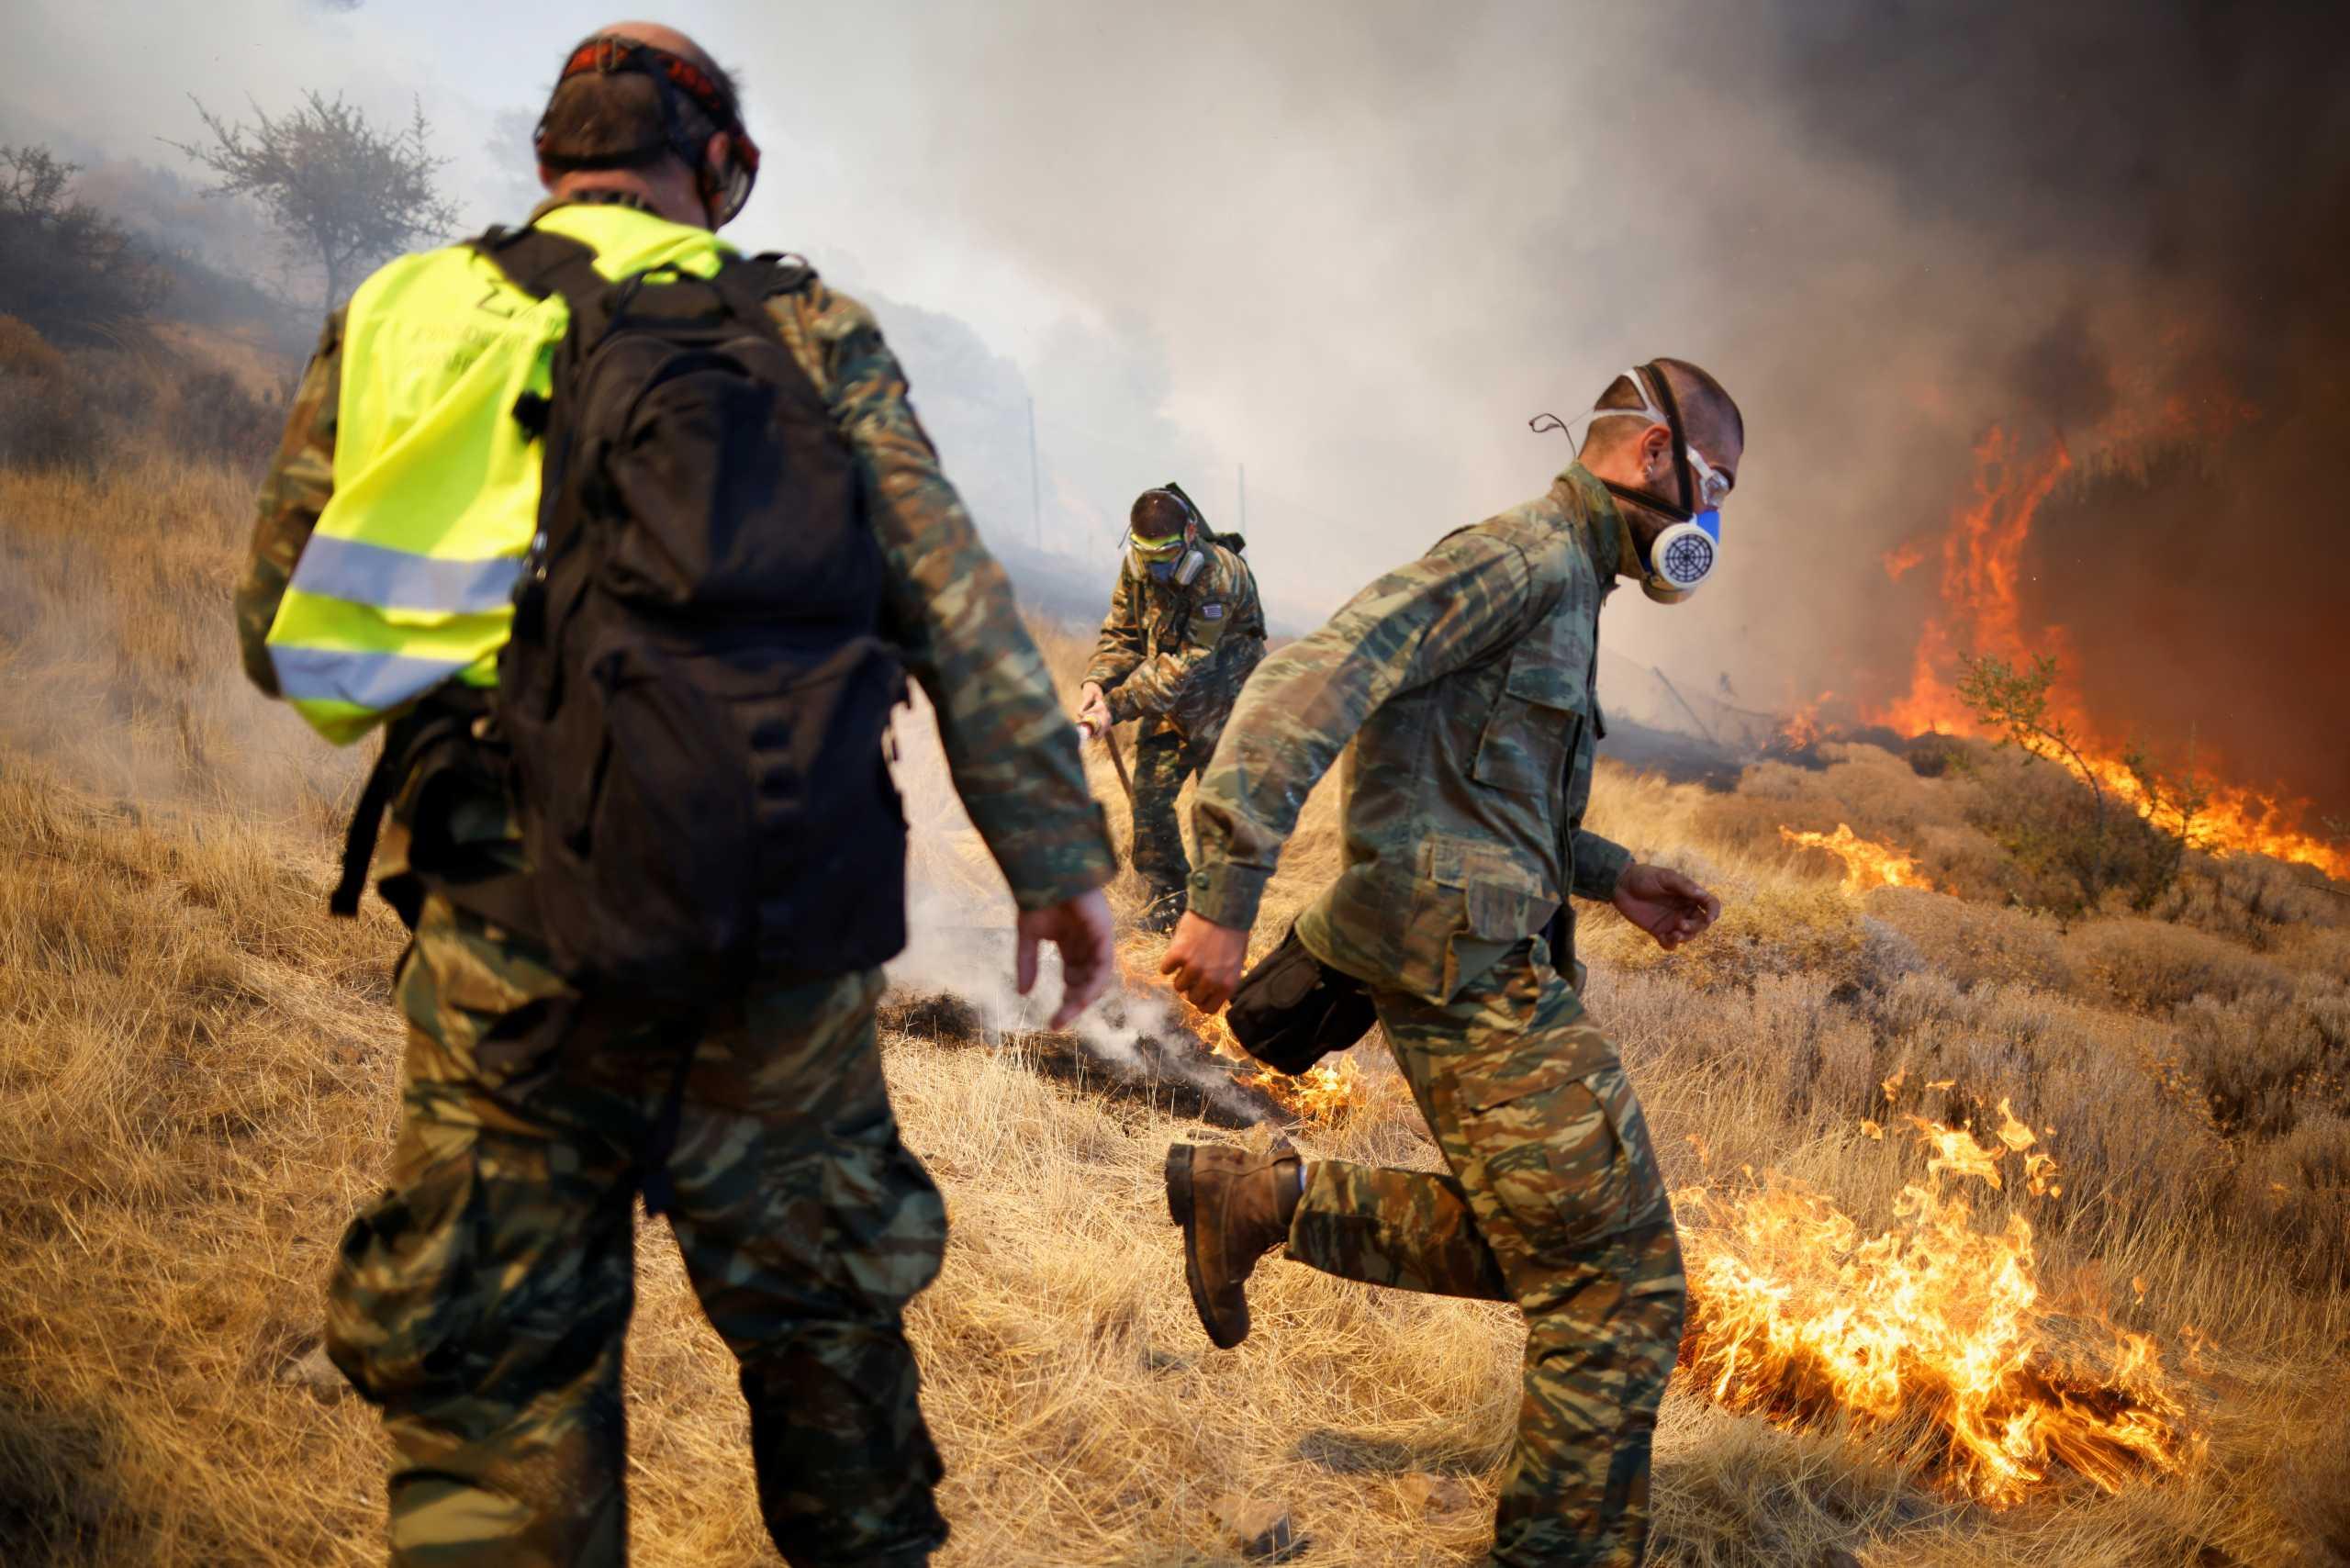 Φωτιές στην Αττική: Μάχη με τις φλόγες σε Κερατέα και Βίλια